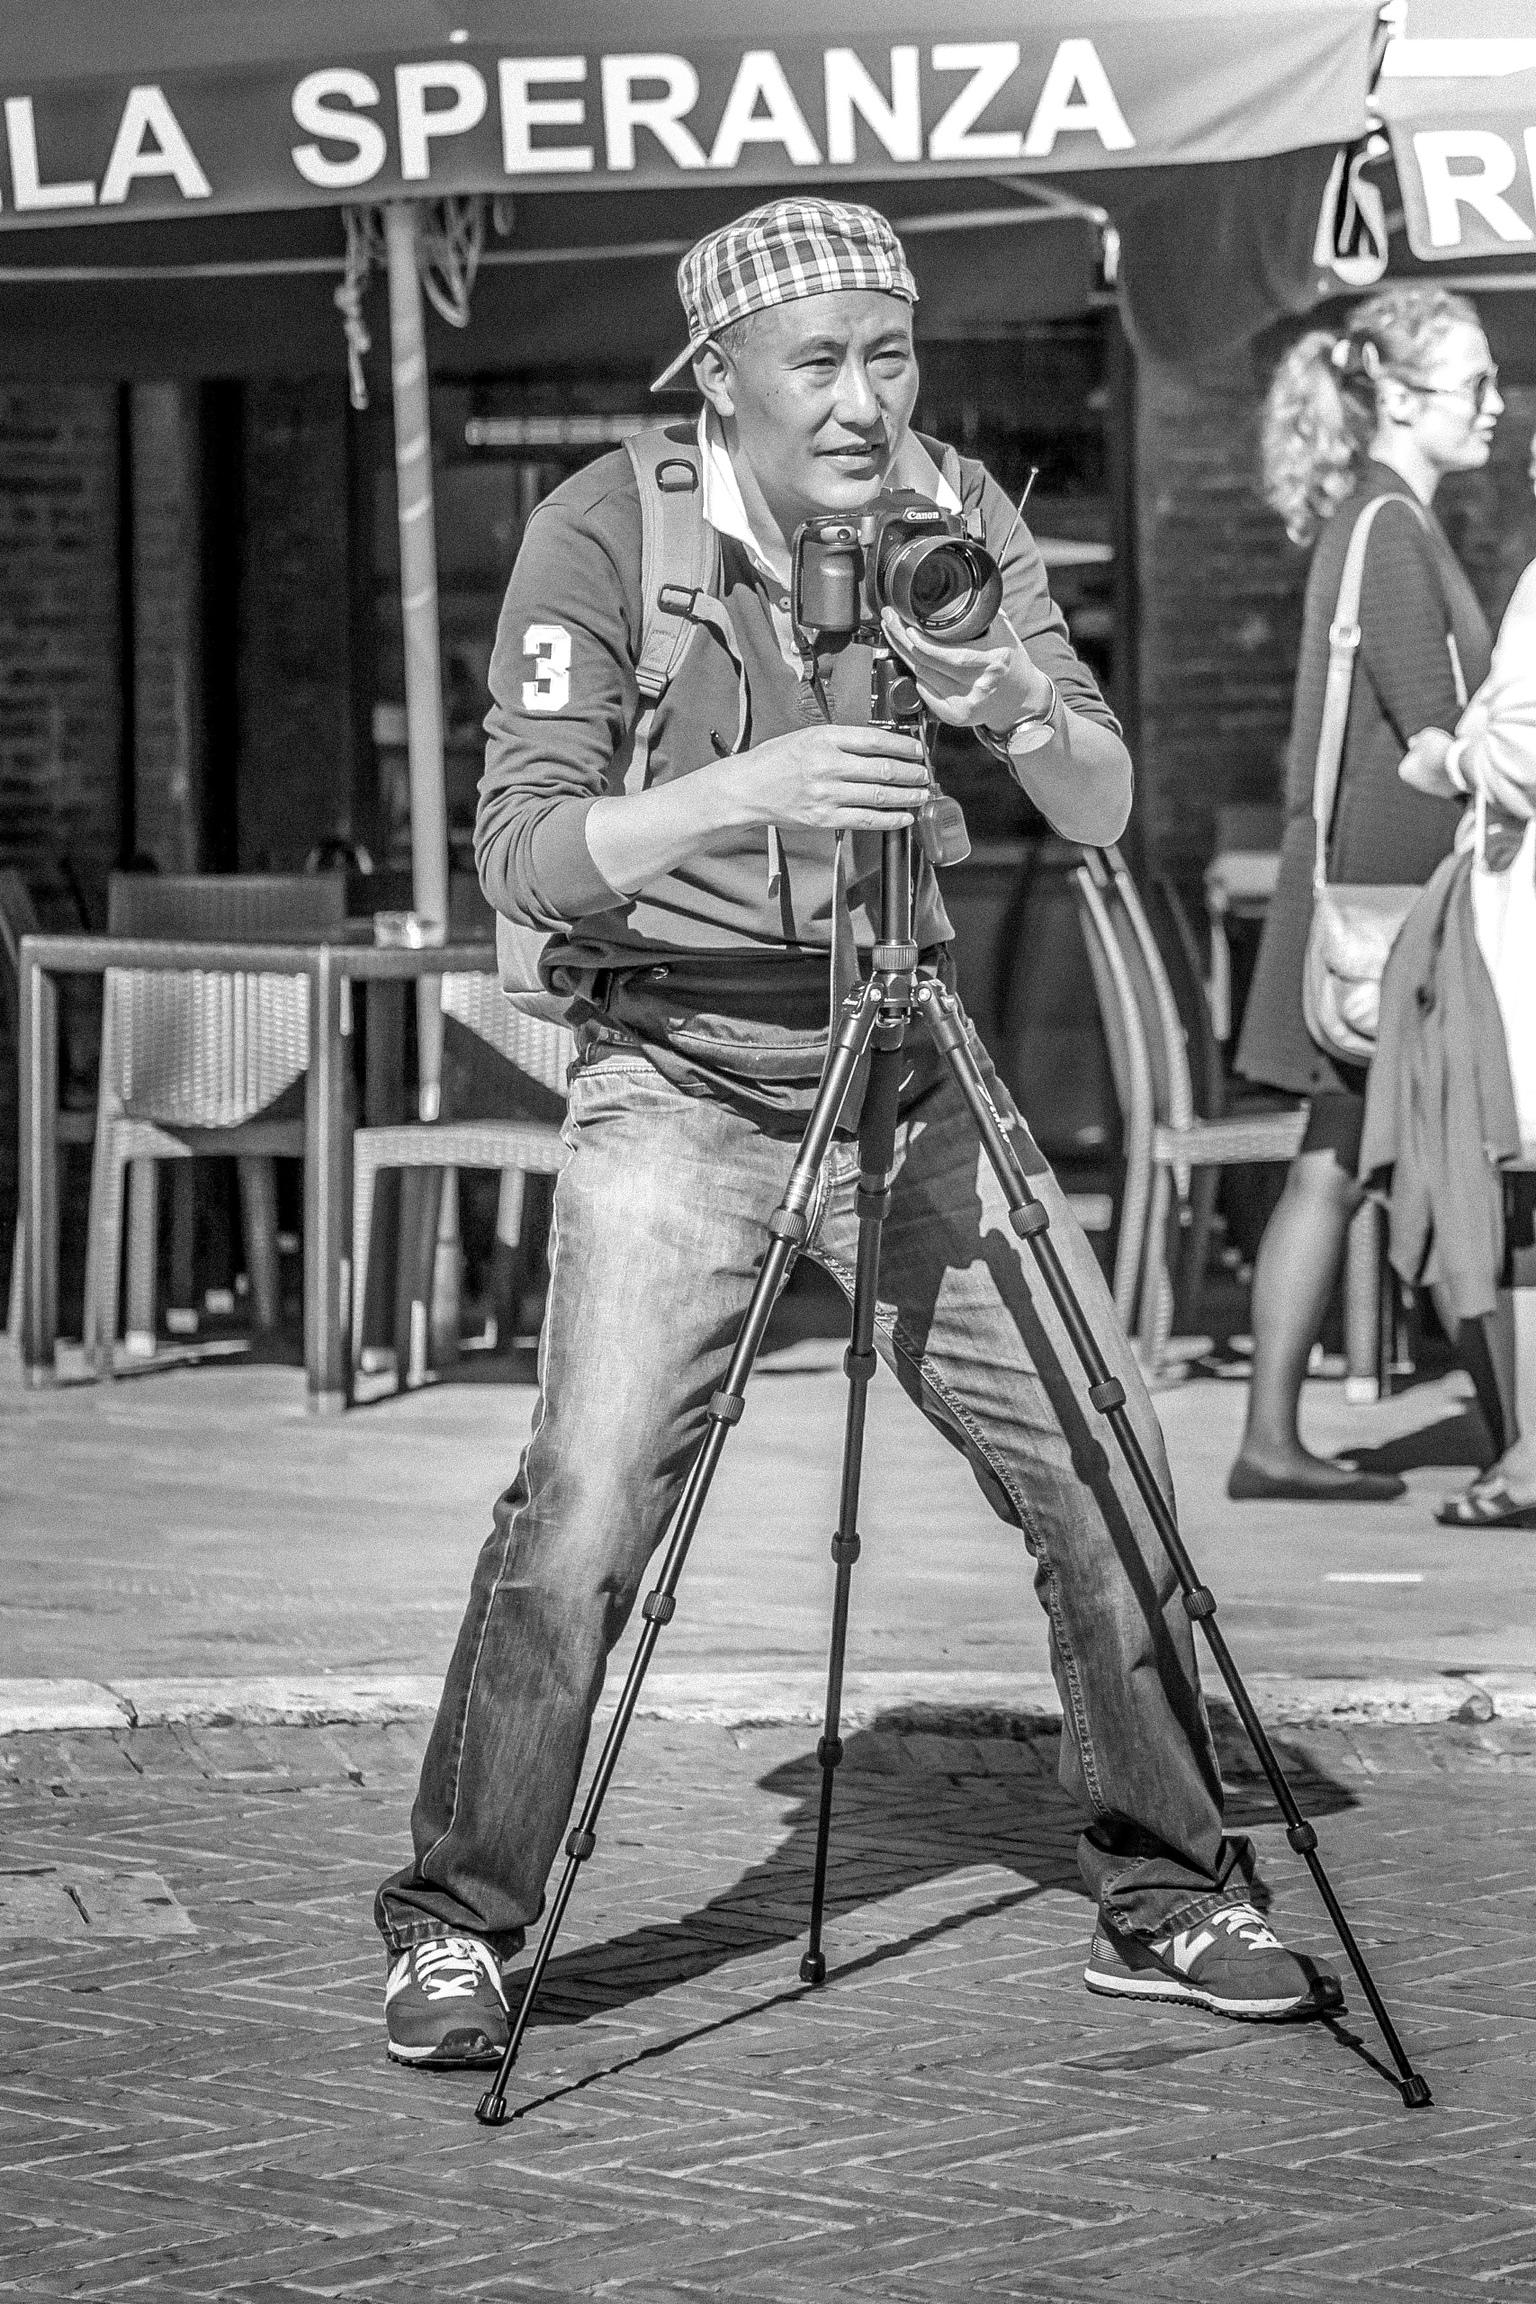 De fotograaf - Piazza del Campo, Siena - foto door RobMenting op 16-04-2021 - locatie: Il Campo, 53100 Siena SI, Italië - deze foto bevat: broek, statief, wit, camera, staand, zwart en wit, stijl, videograaf, musicus, camera's en optica